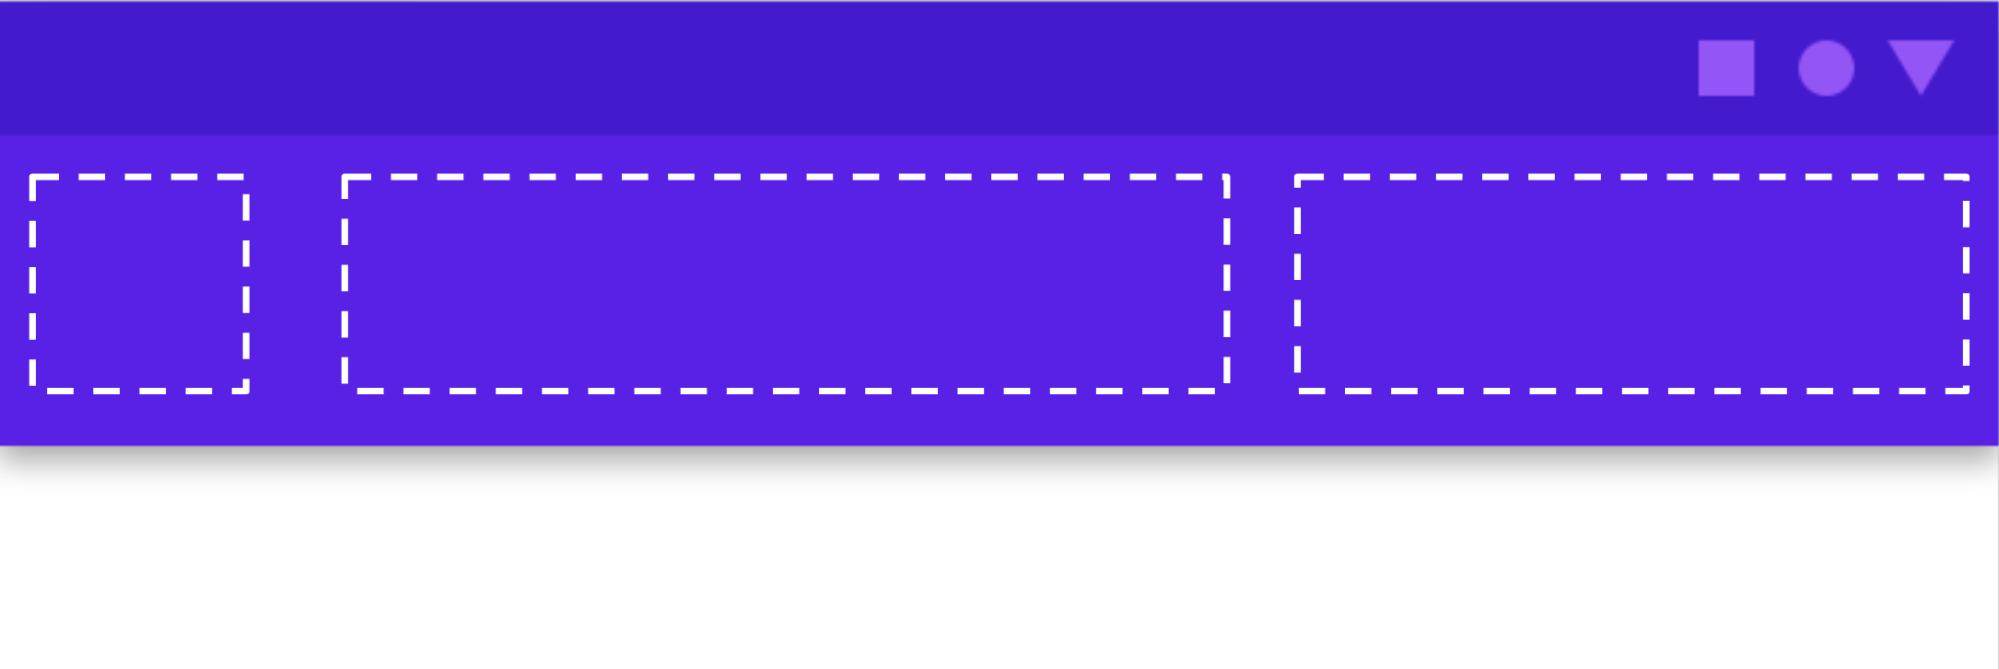 머티리얼 구성요소 앱 바에 사용 가능한 슬롯을 보여주는 다이어그램